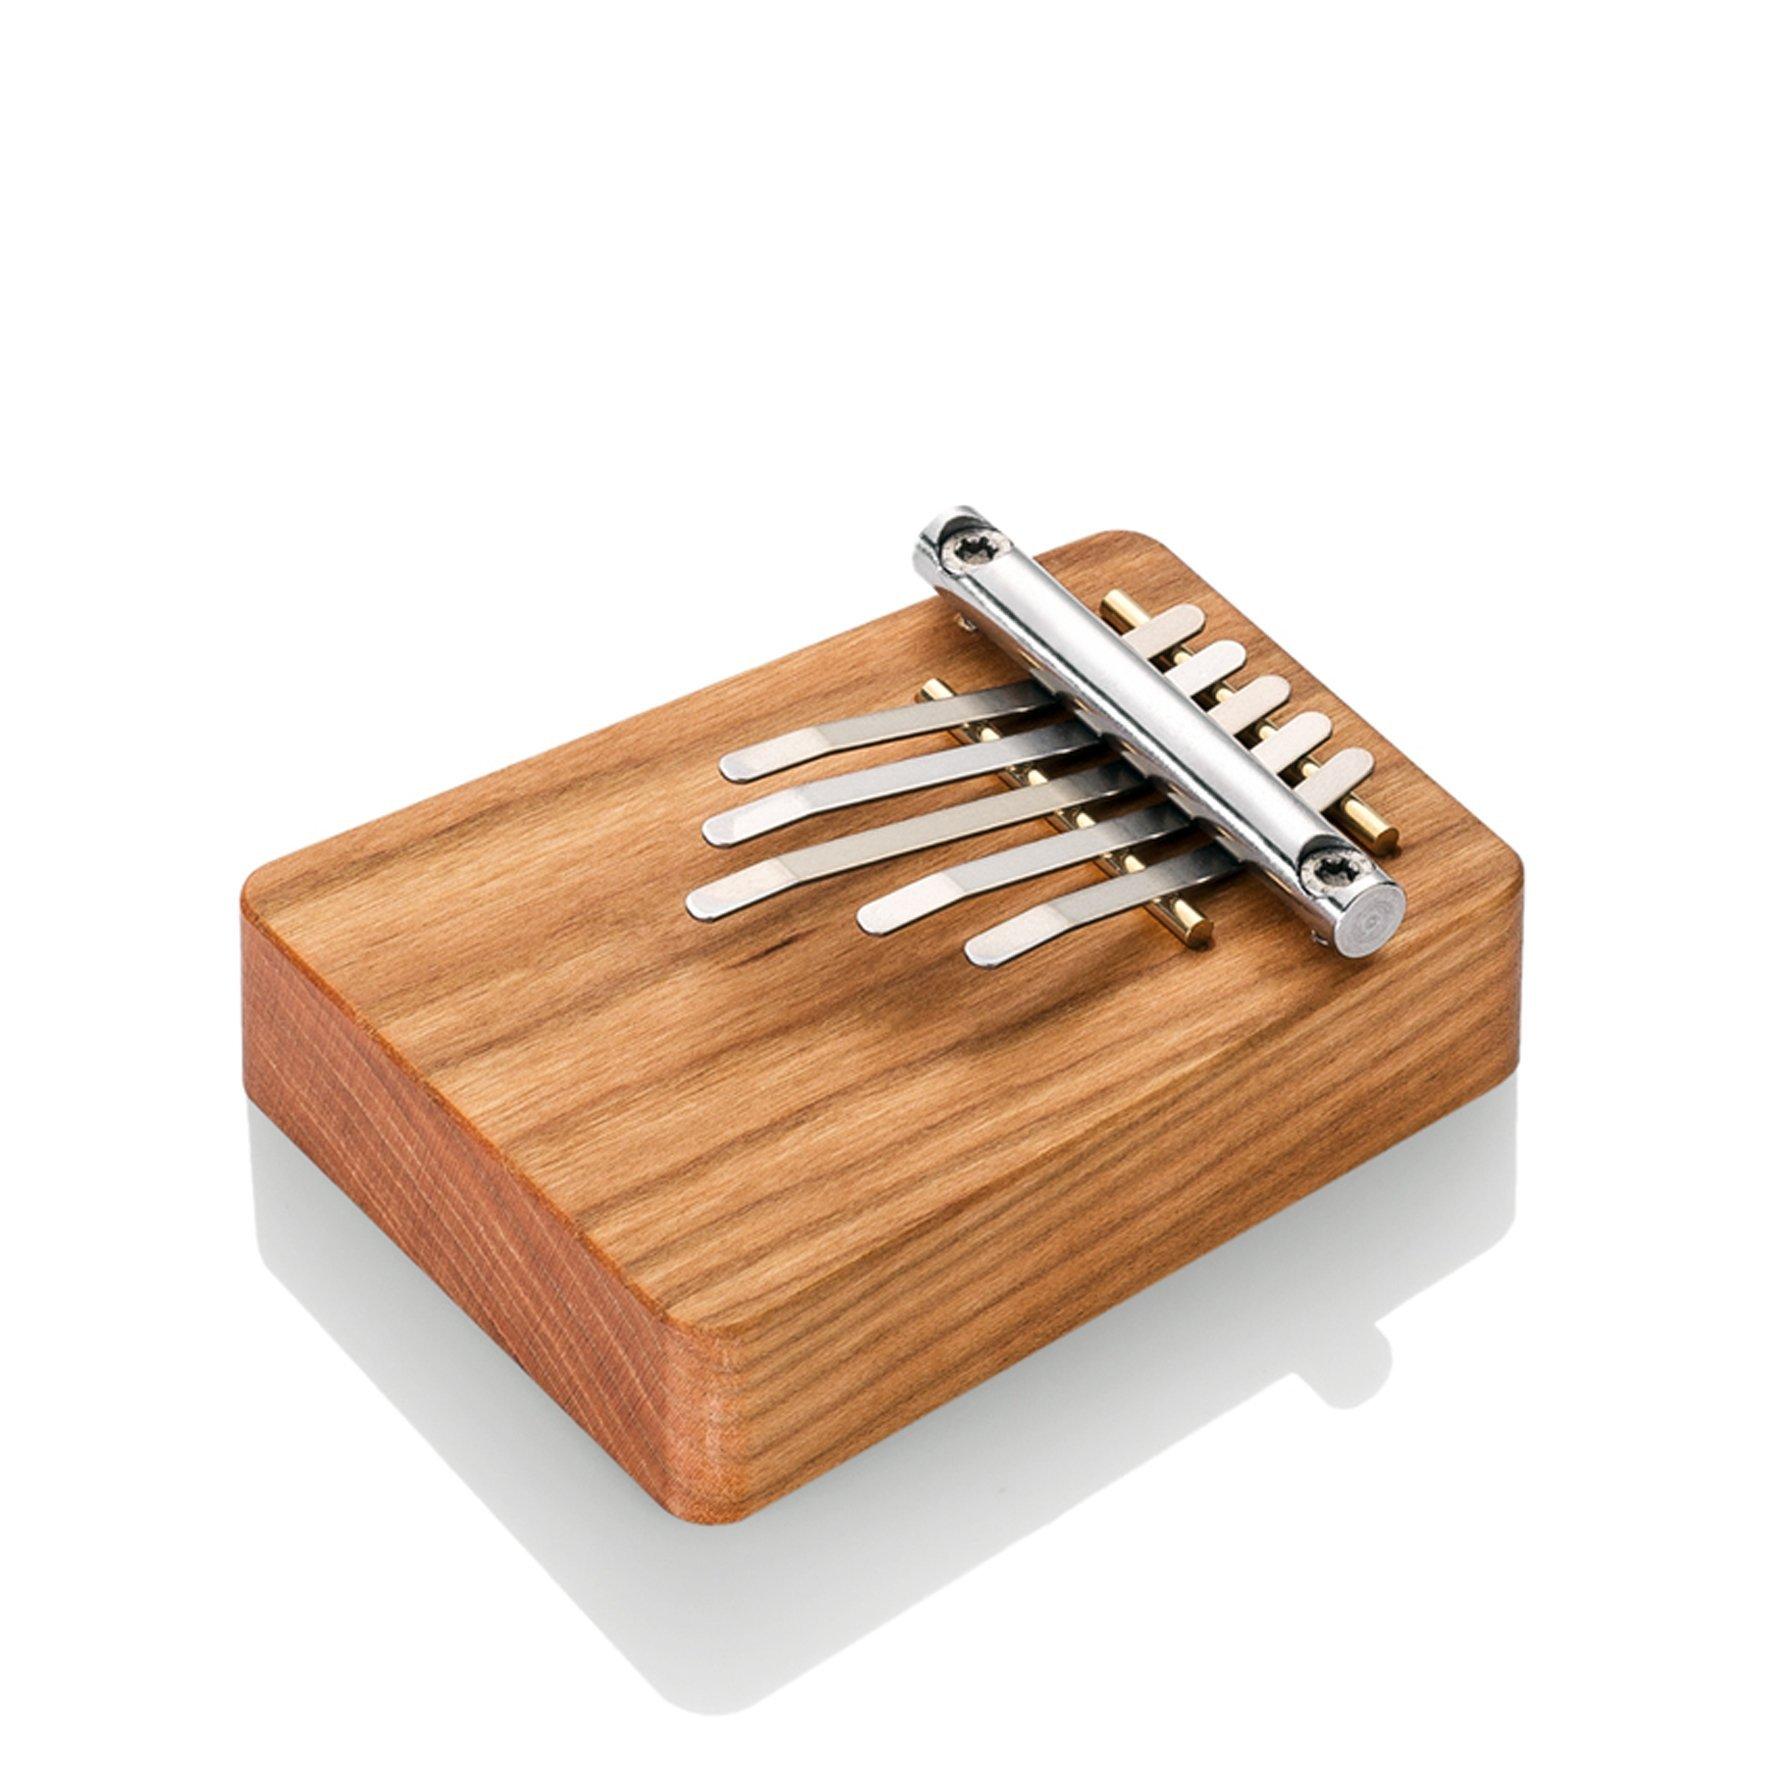 HOKEMA Kalimba B5 Pocket Thumb Piano